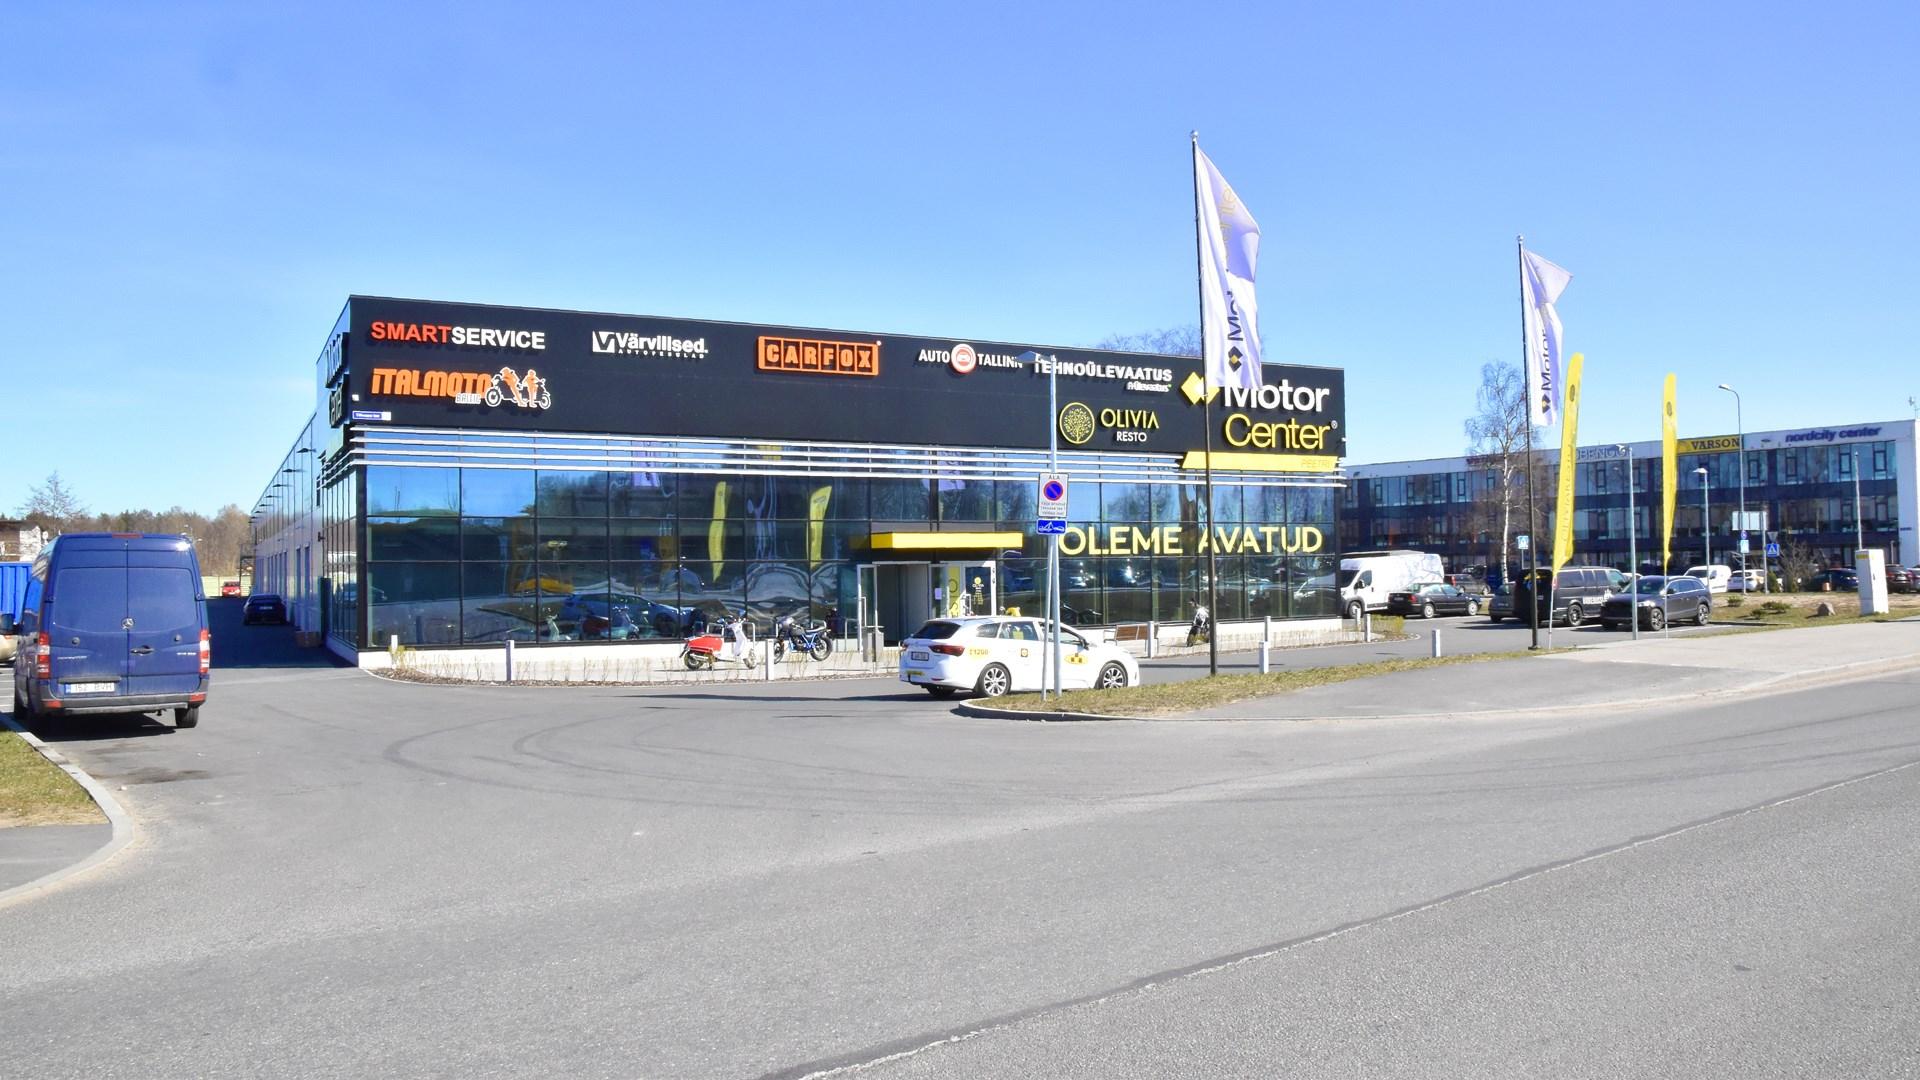 5dd34fc7349 MotorCenter Peetri keskuses tegutsevad autoteenuseid ja toitlustust  pakkuvad ettevõtted aadressil Tähnase tee 1, Rae vald. Siit leiad keskustes  tegutsevate ...